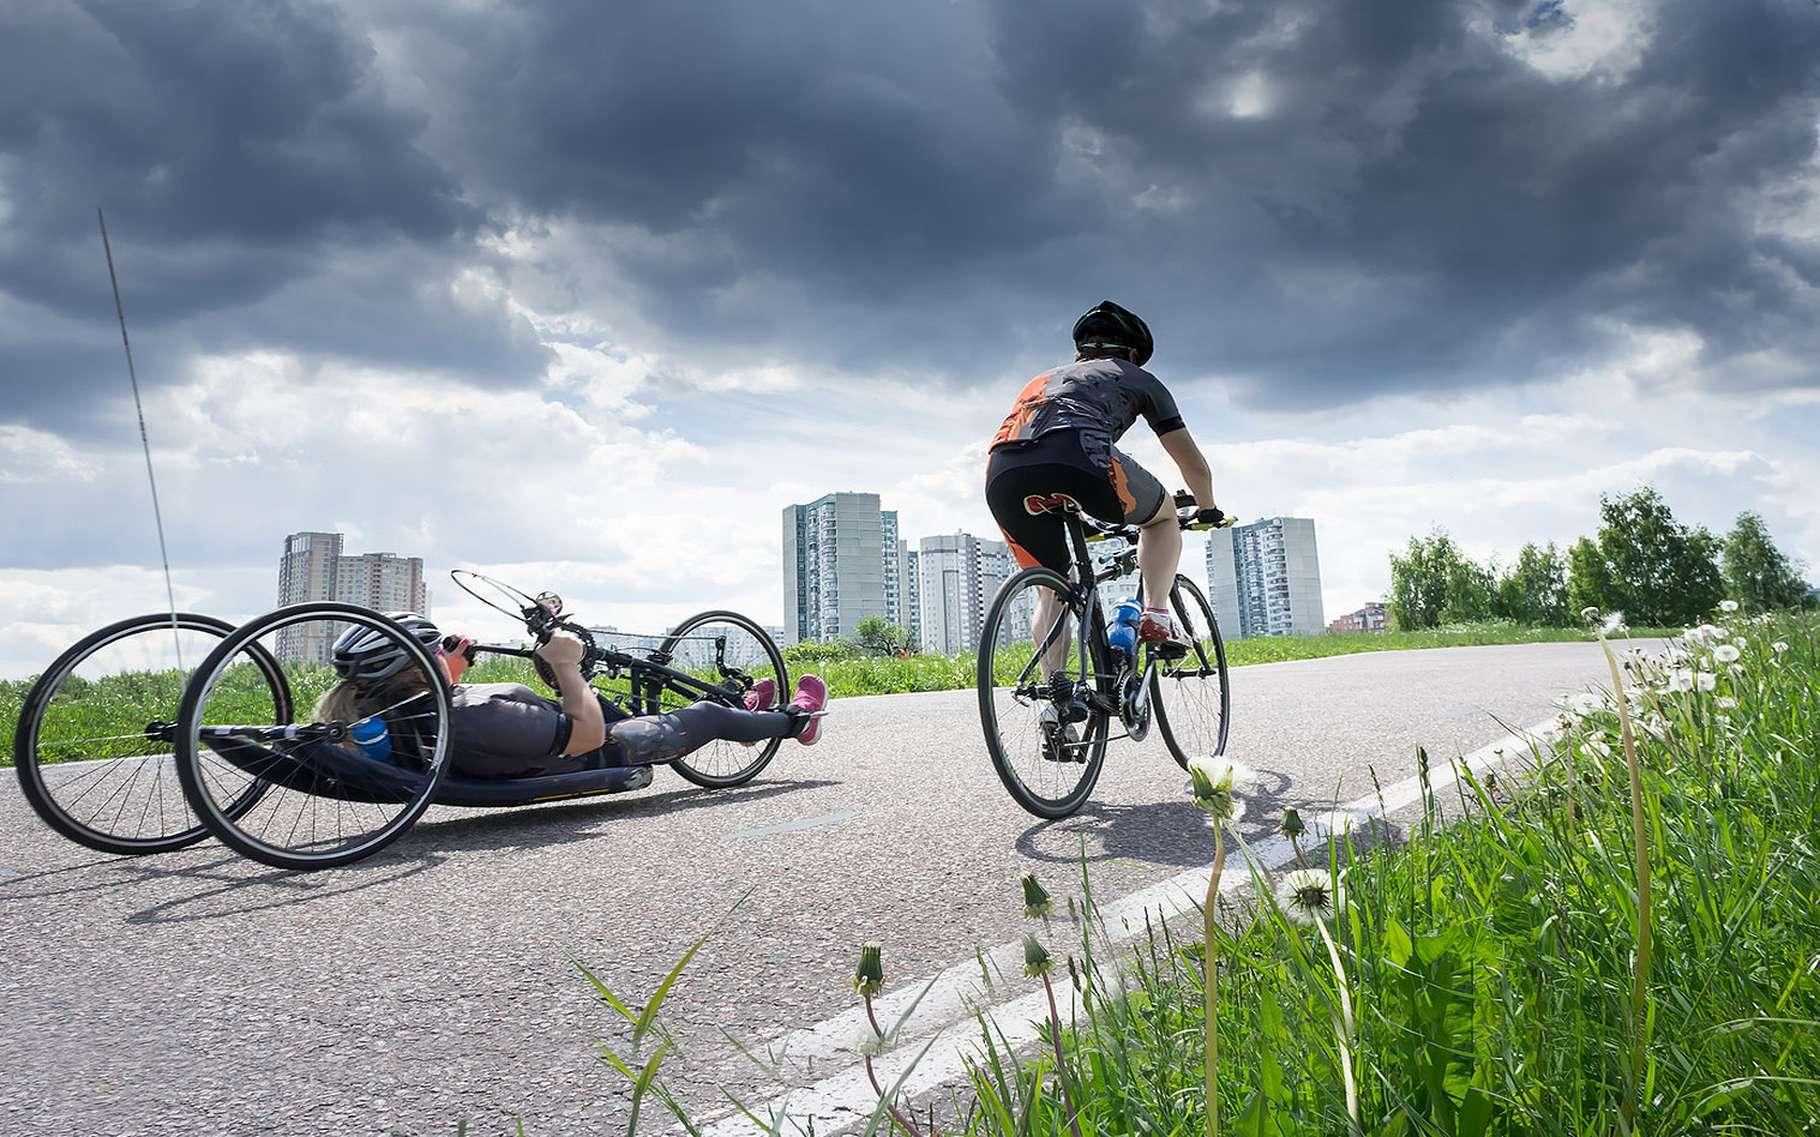 Découvrez les deux siècles d'évolution du vélo en 16 images. © Mak fotolia